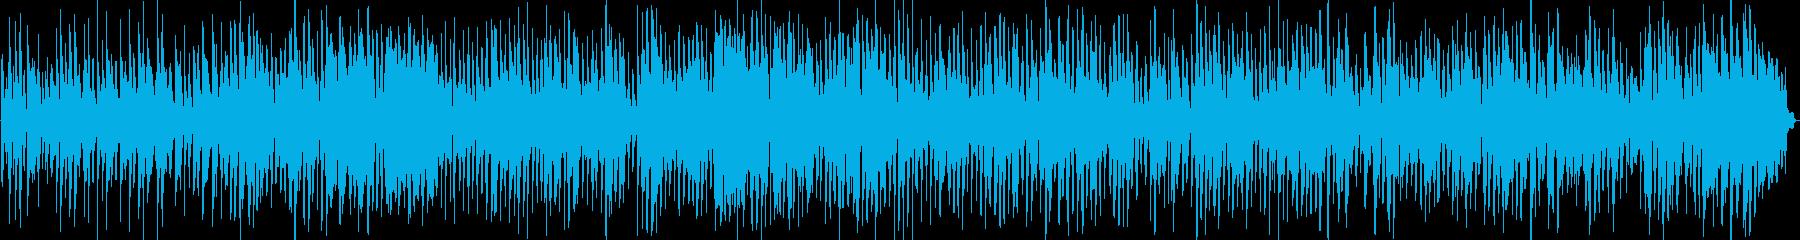 トロンボーンソロ、オールドジャズの再生済みの波形